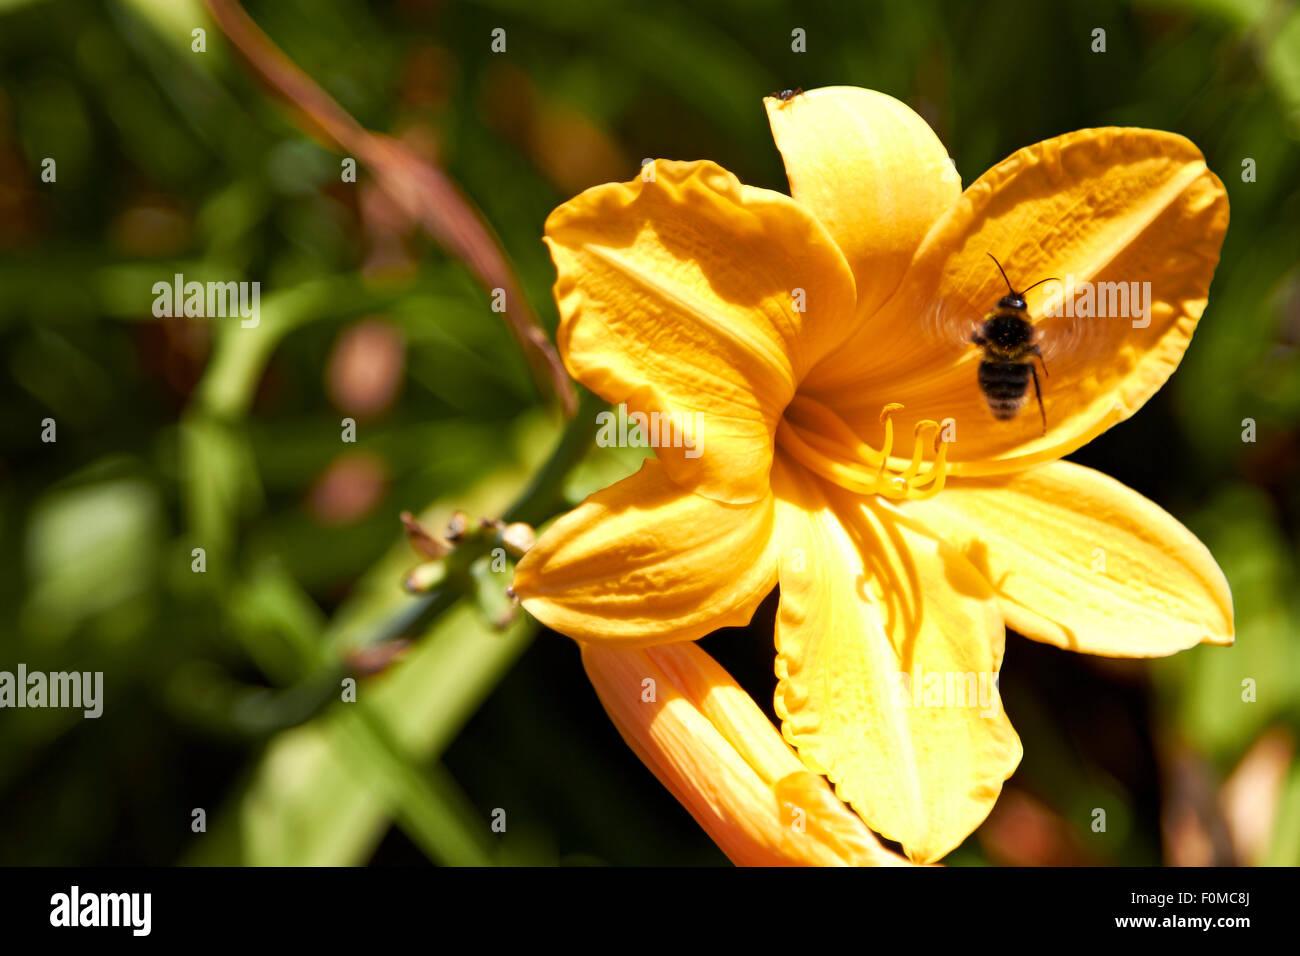 Fleur de lys et humble Bee, Nature, Jardin, extérieur, Parc, Plant,la faune, l'été Photo Stock